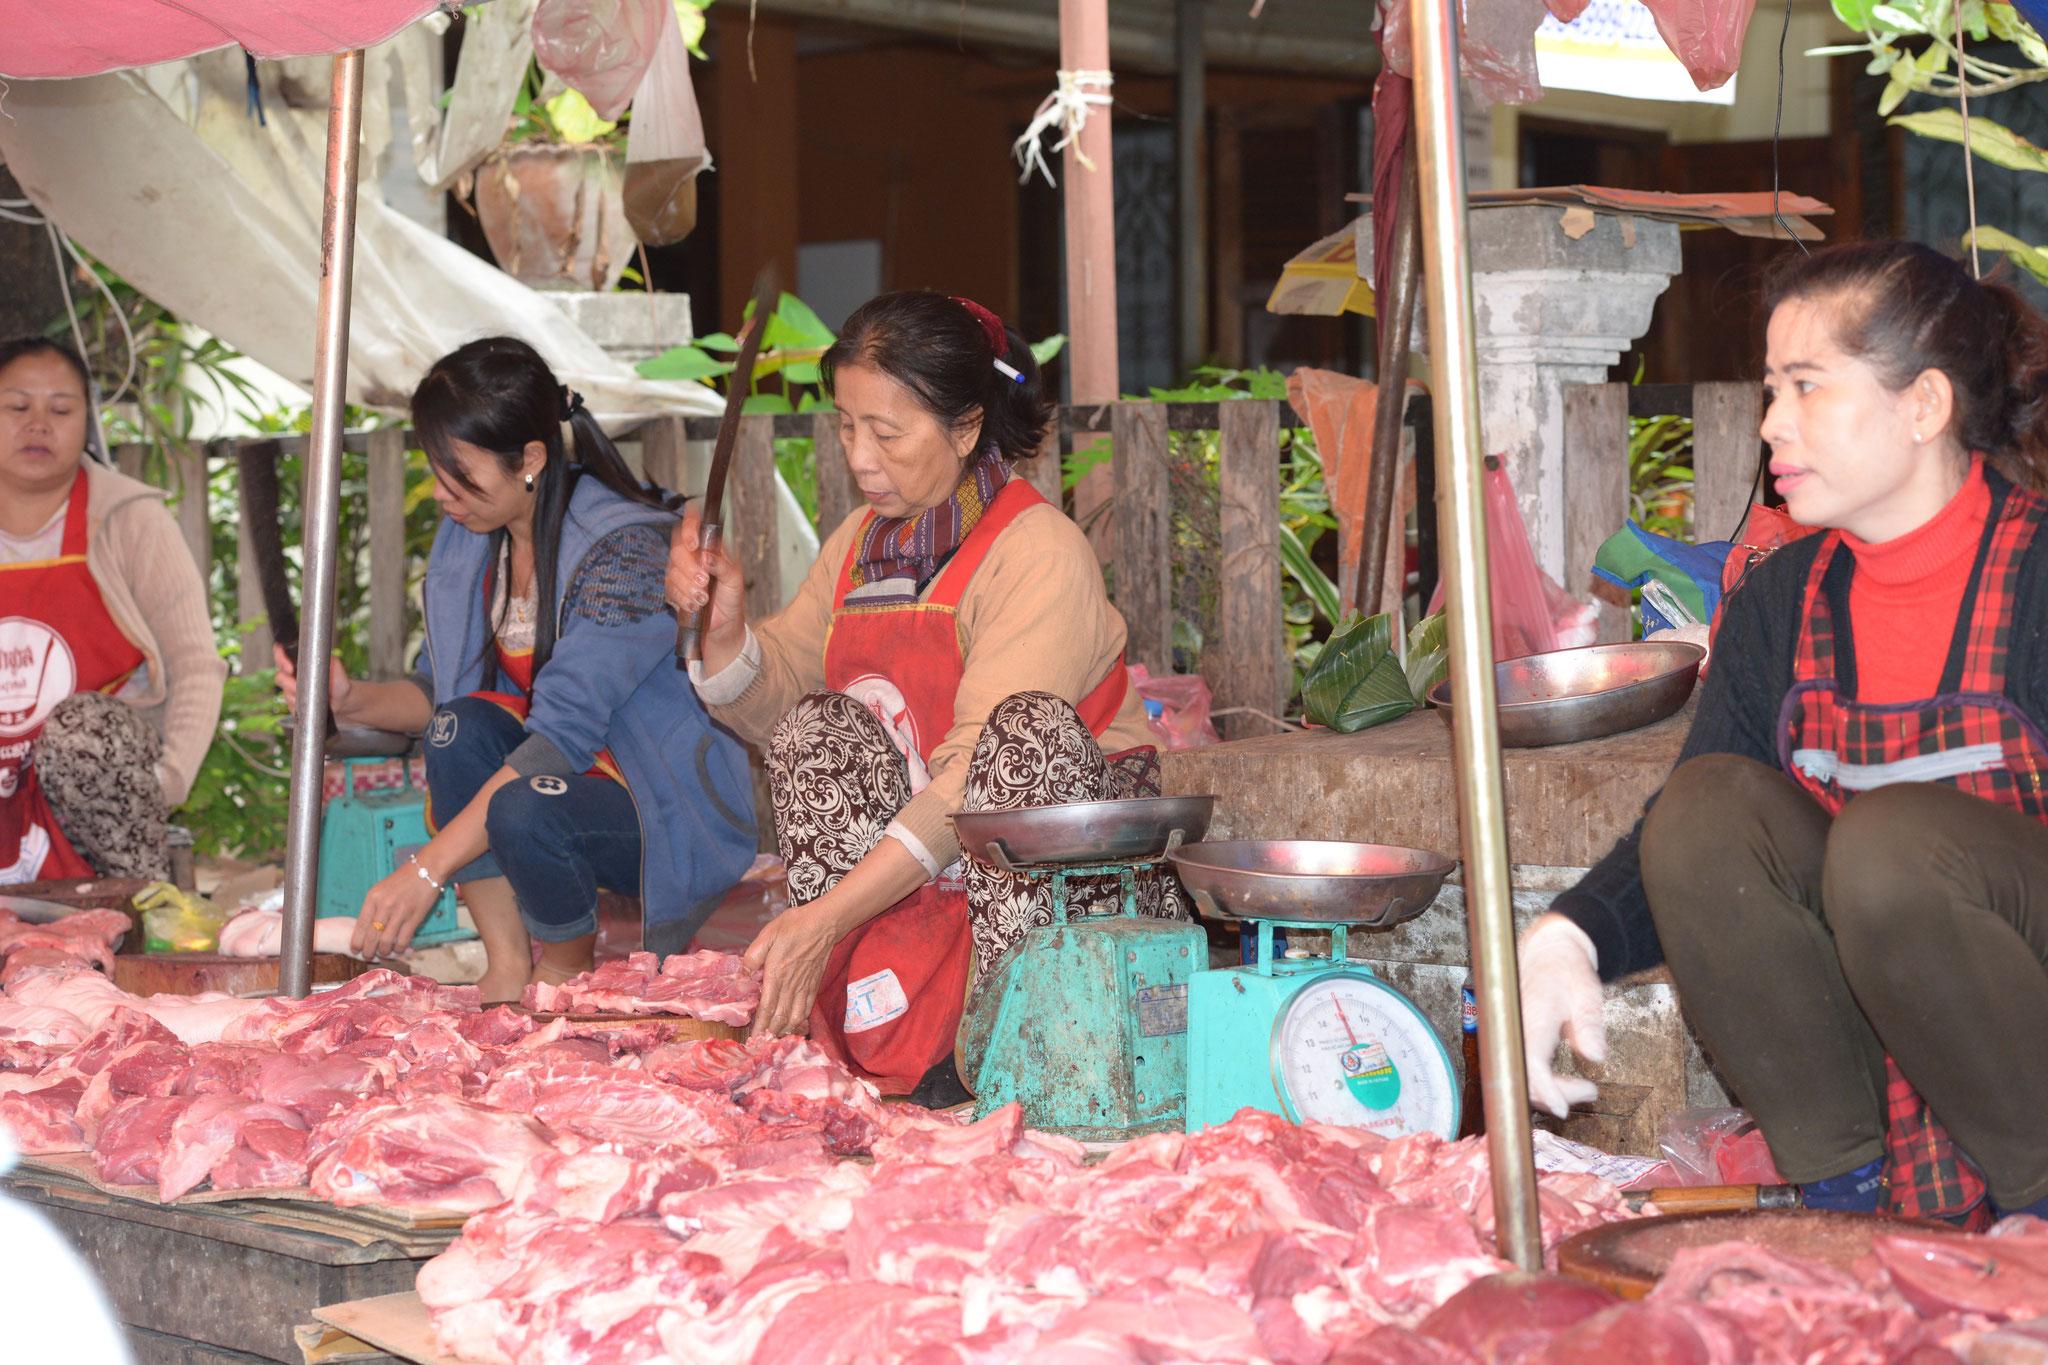 """Besuch des örtlichen Marktes """"Phou Si"""" - nebst üblichen Fleisch und Fisch, gibt es auch..."""